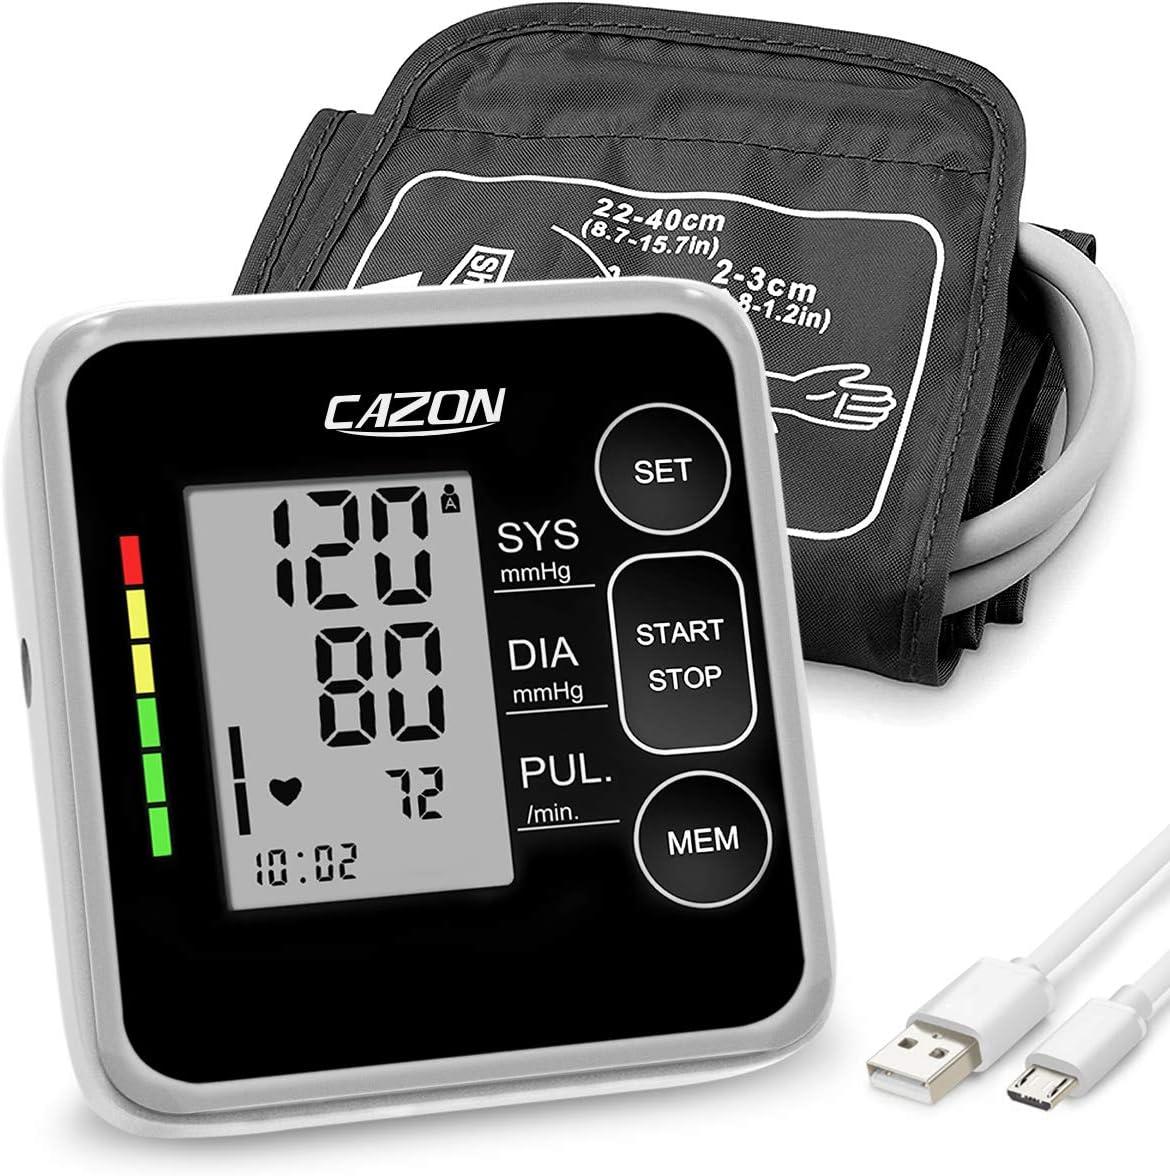 CAZON Tensiómetro automático de brazo, medidor de pulso cardíaco con manguito de 22-40cm, uso doméstico, 2×120 conjuntos de memoria